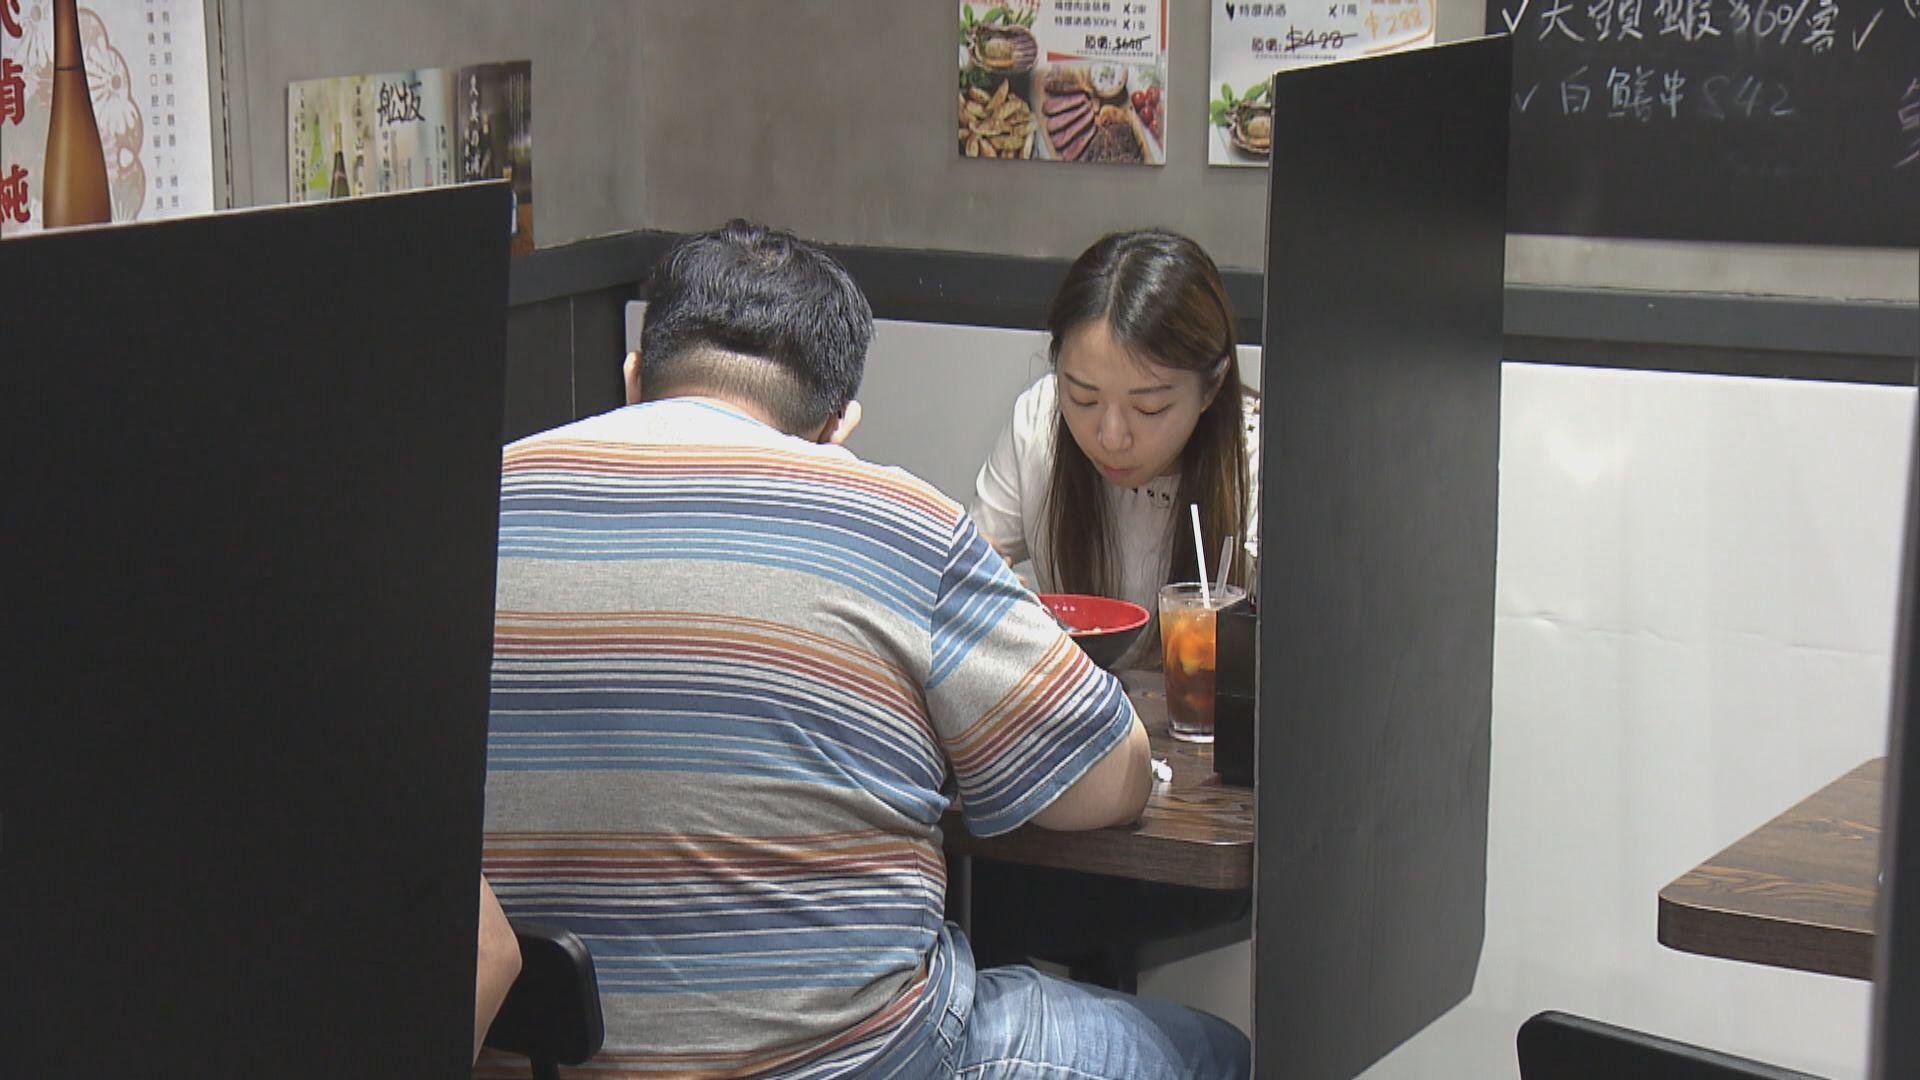 食肆每枱人數放寬至六人 酒吧每枱上限四人